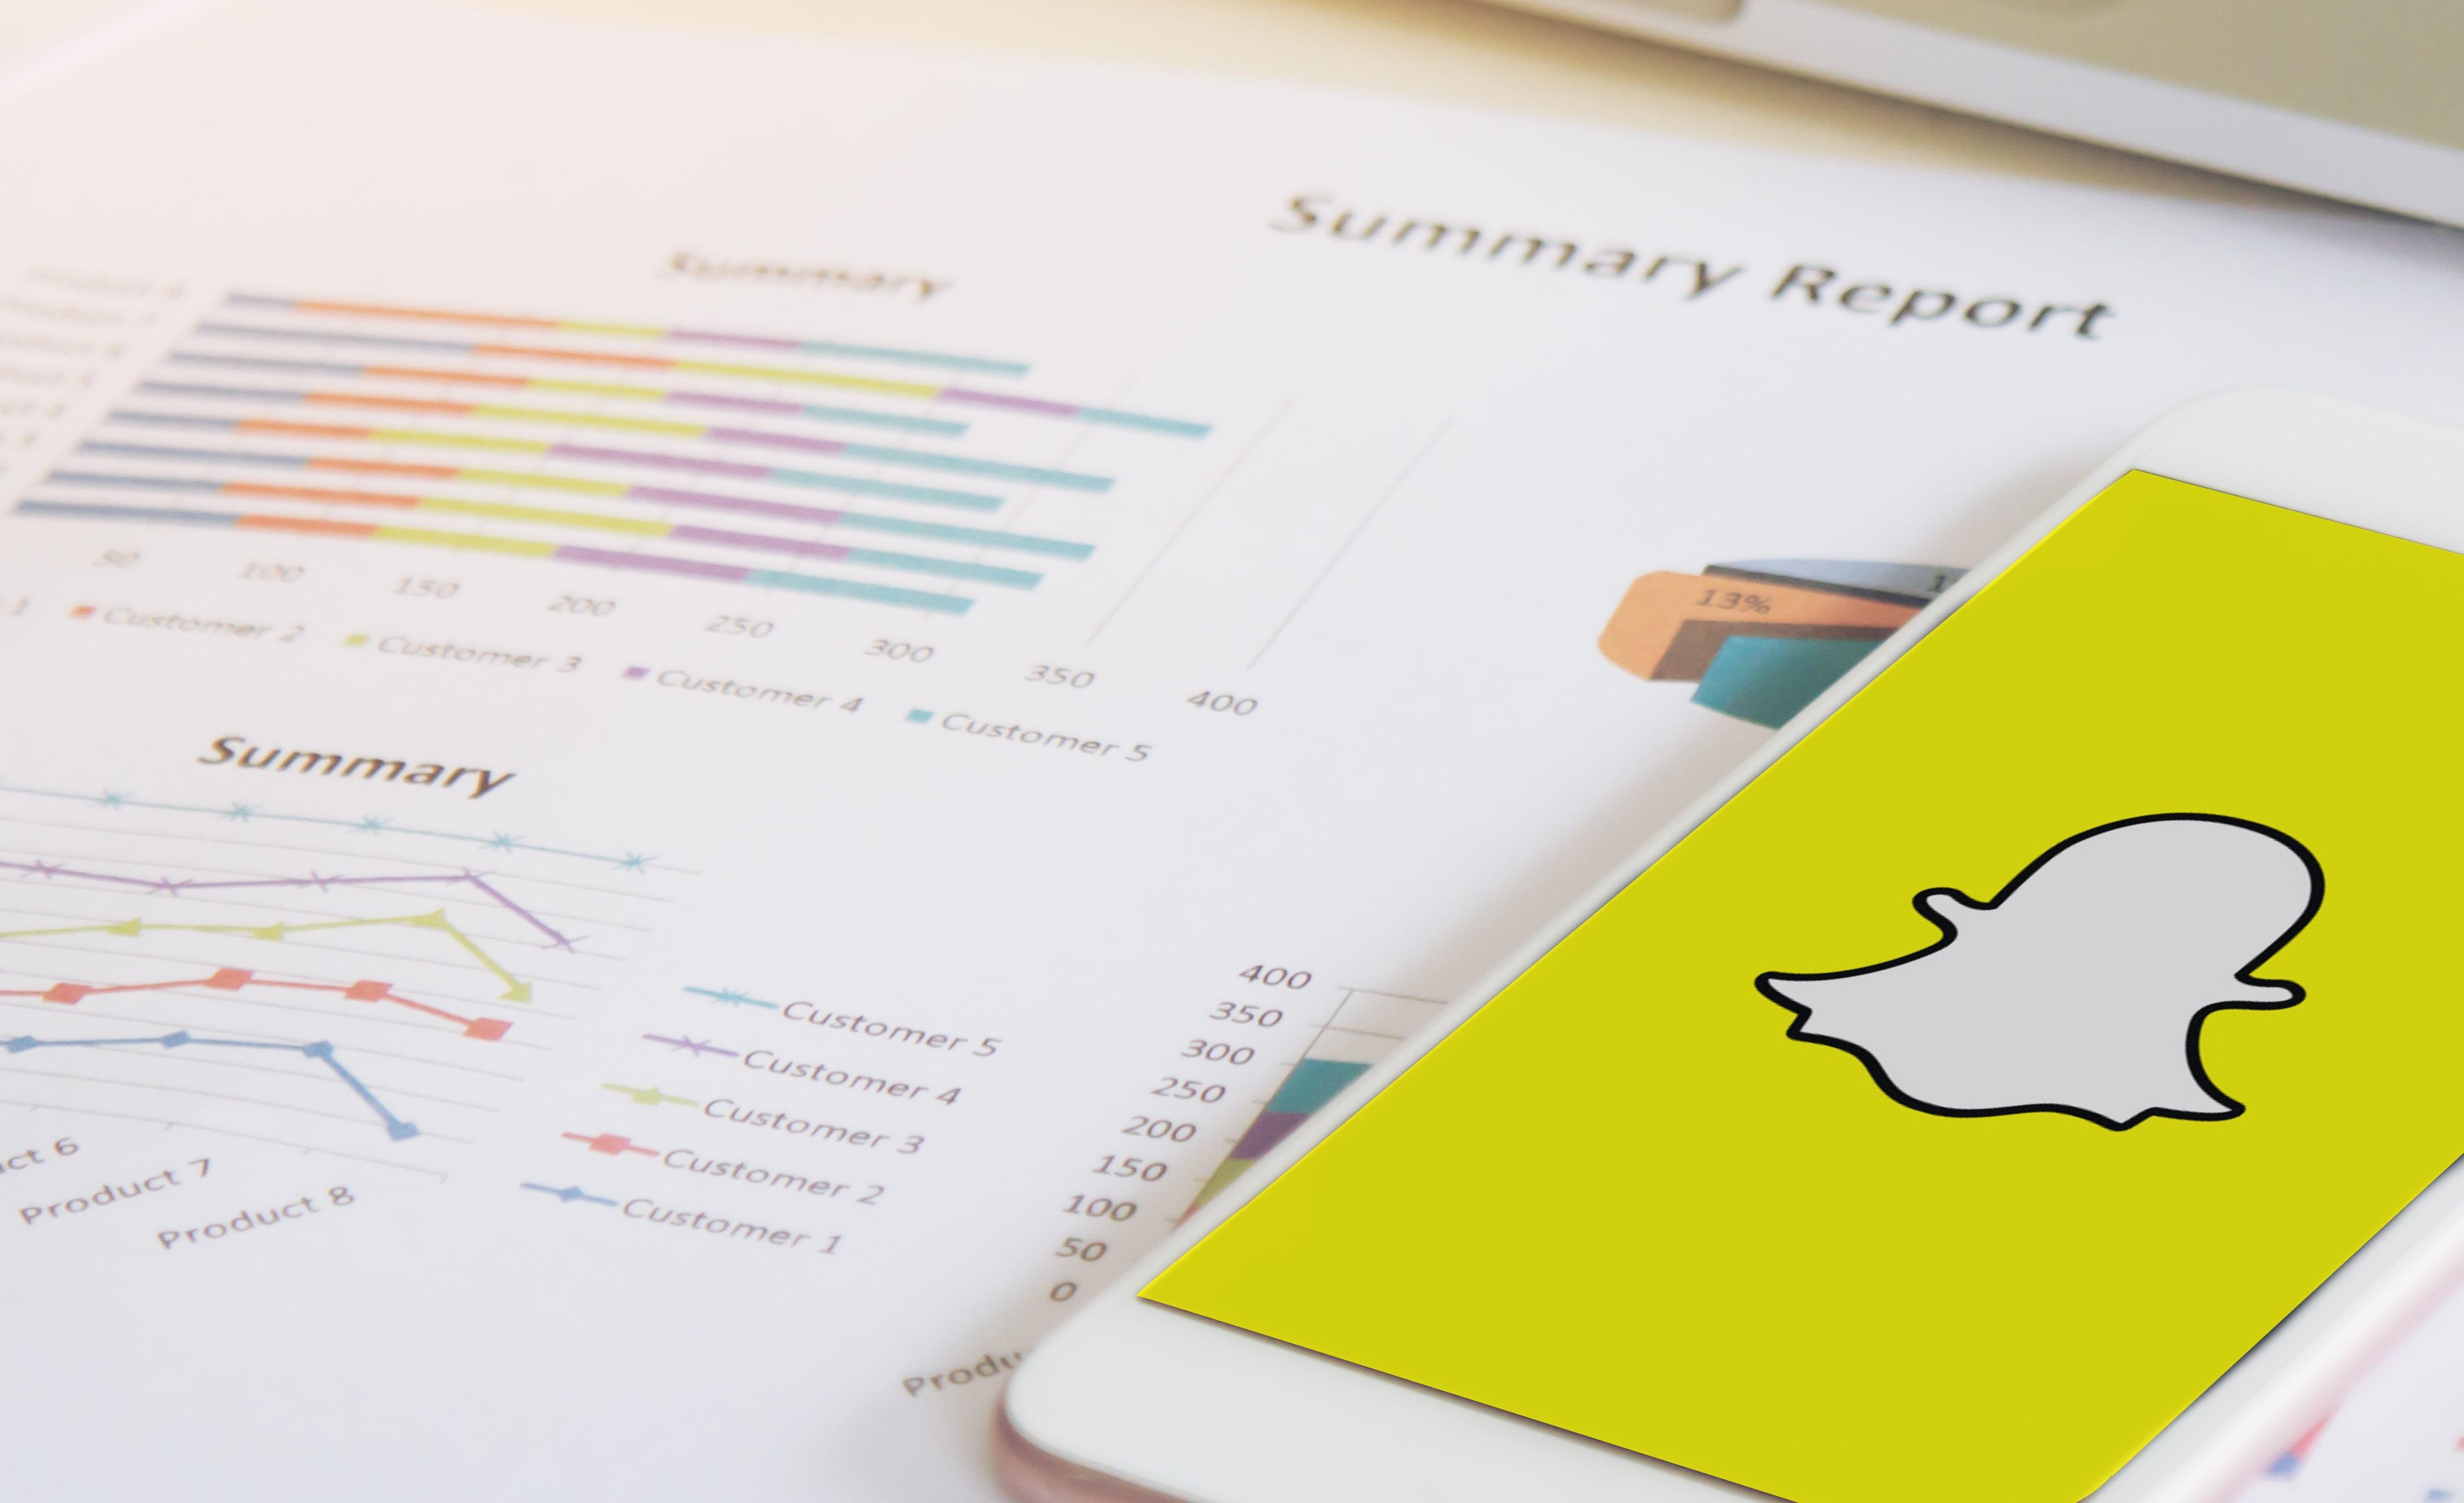 Tre consigli per sfruttare la piattaforma Snapchat al meglio